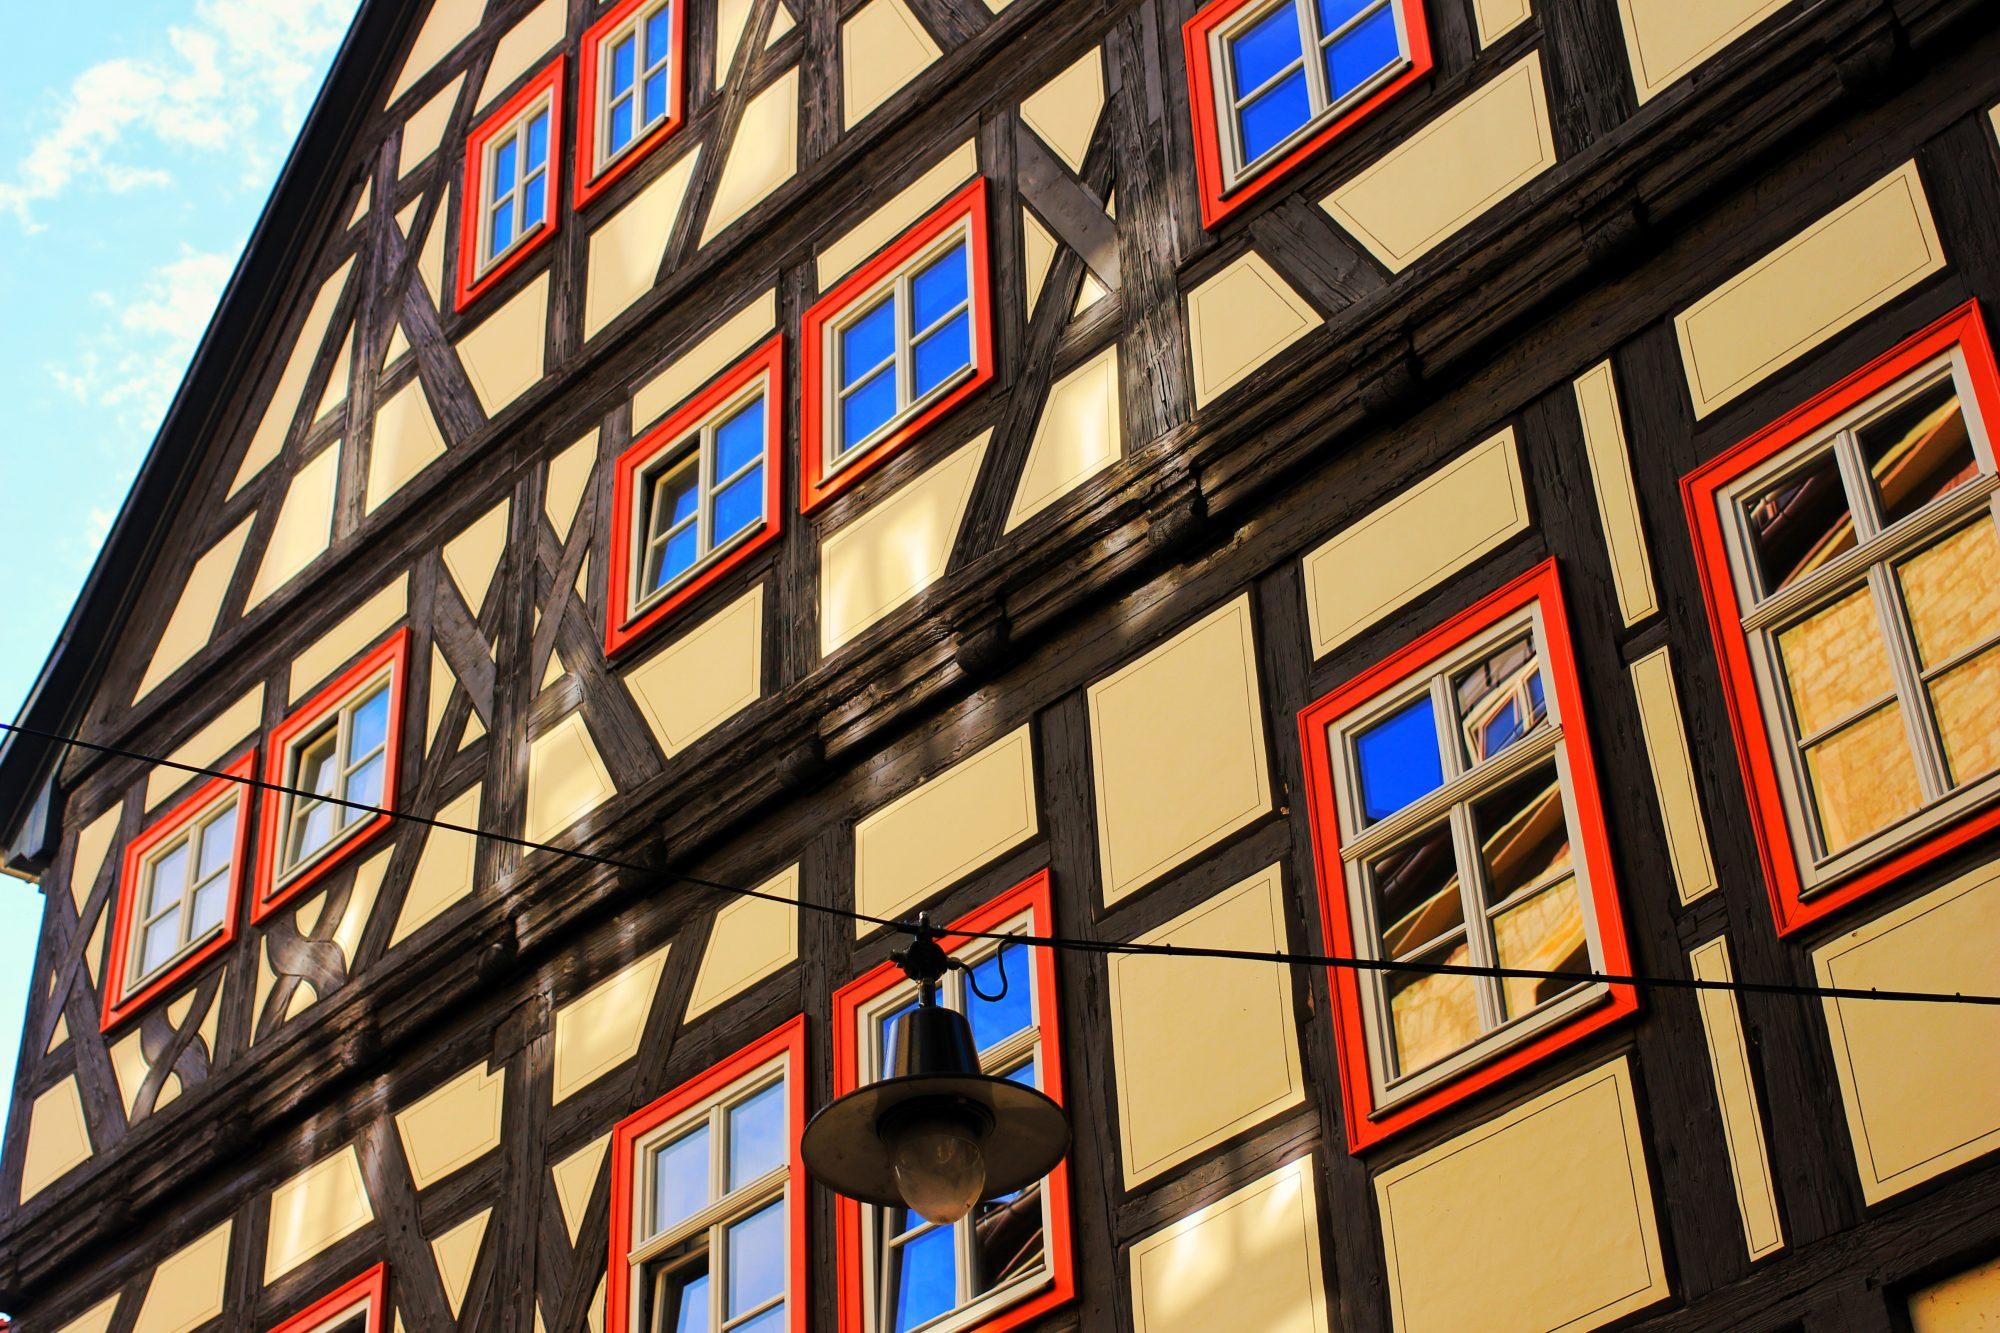 Maison à colombage à Erfurt